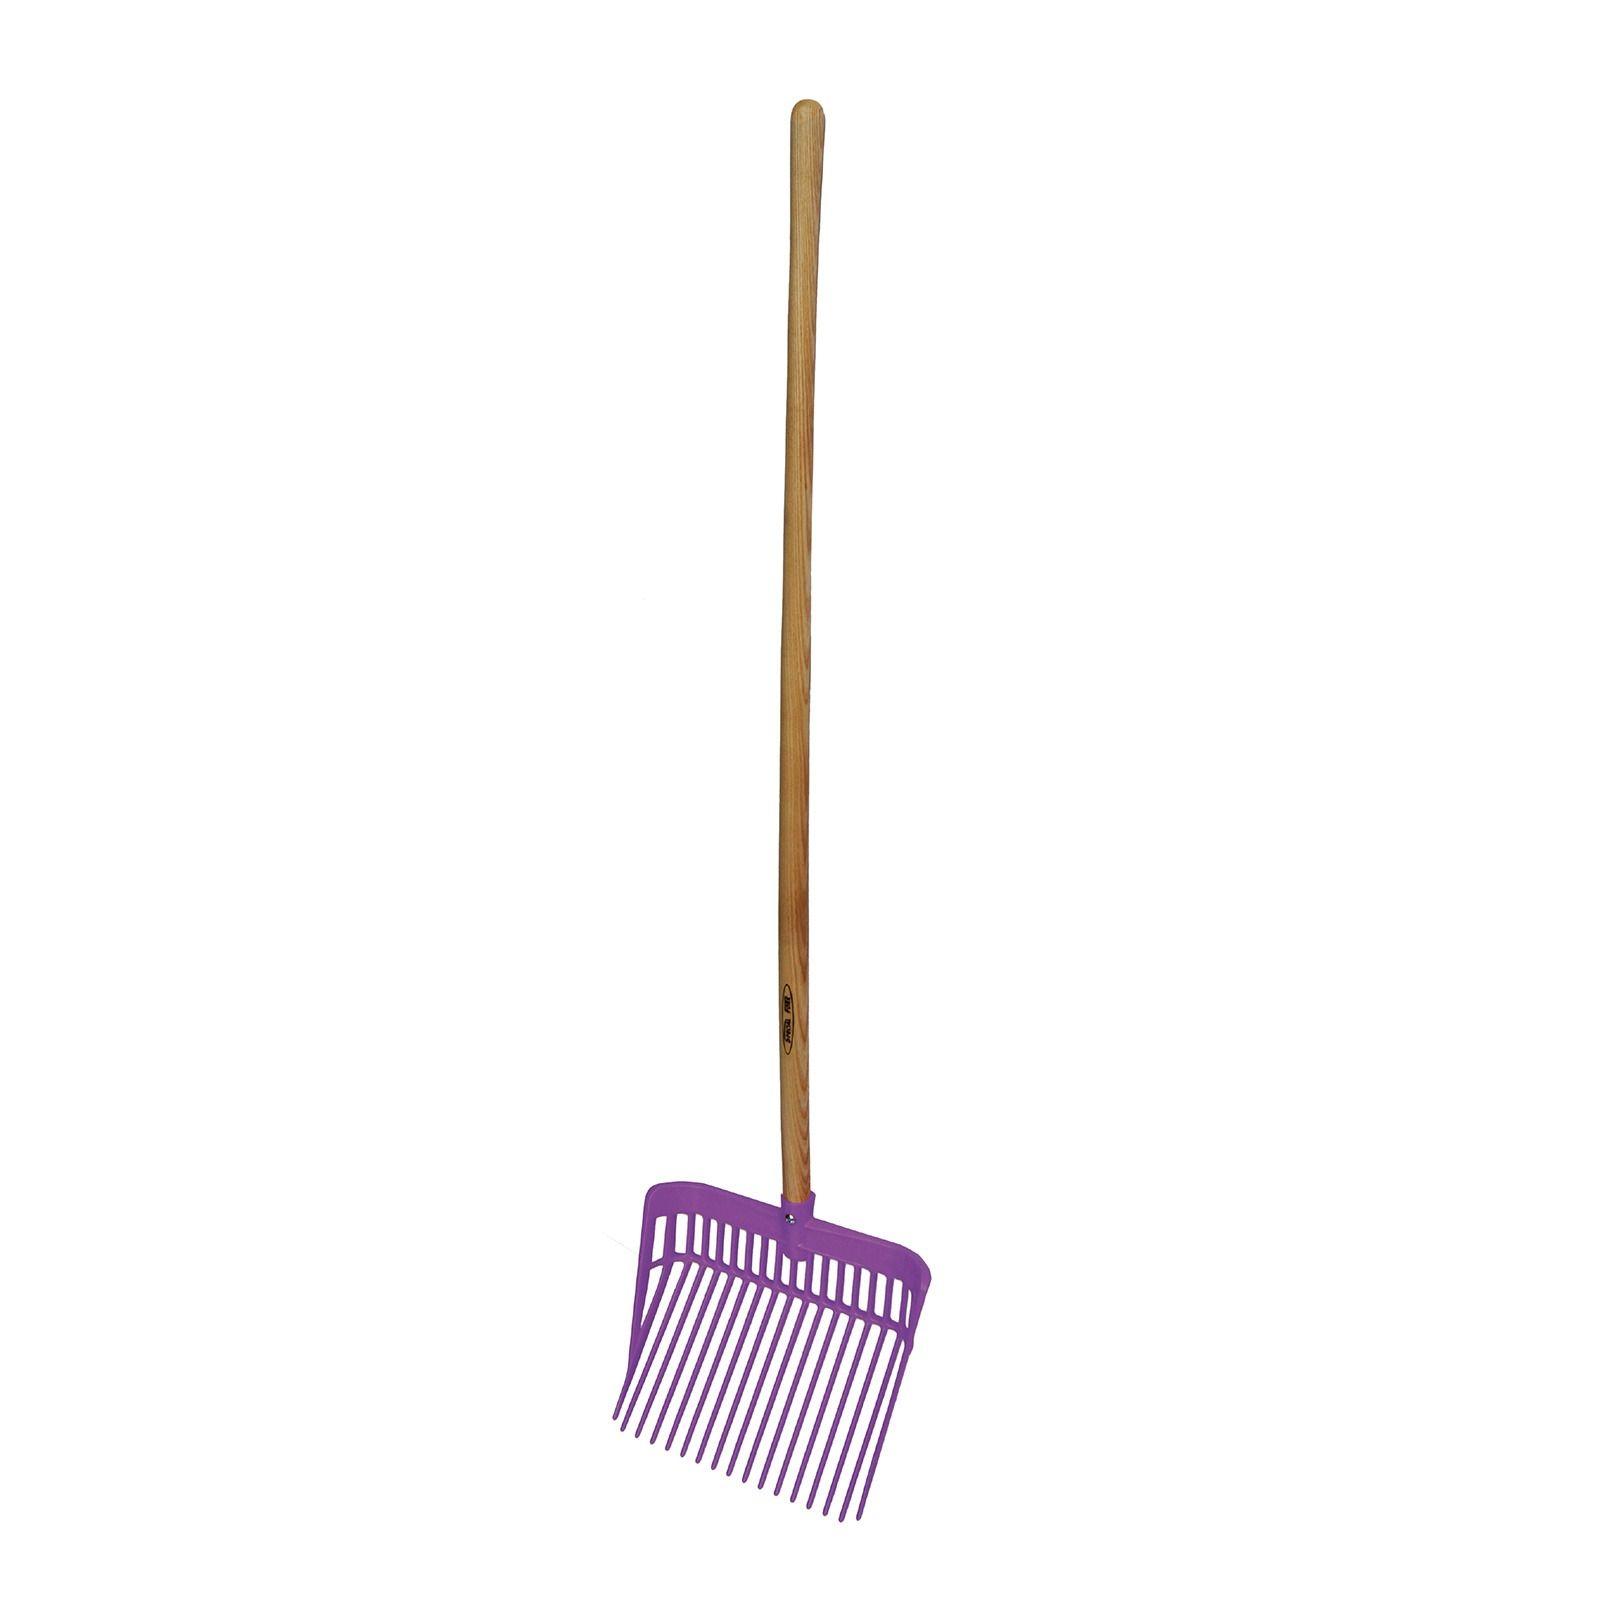 Special Shavings Forks